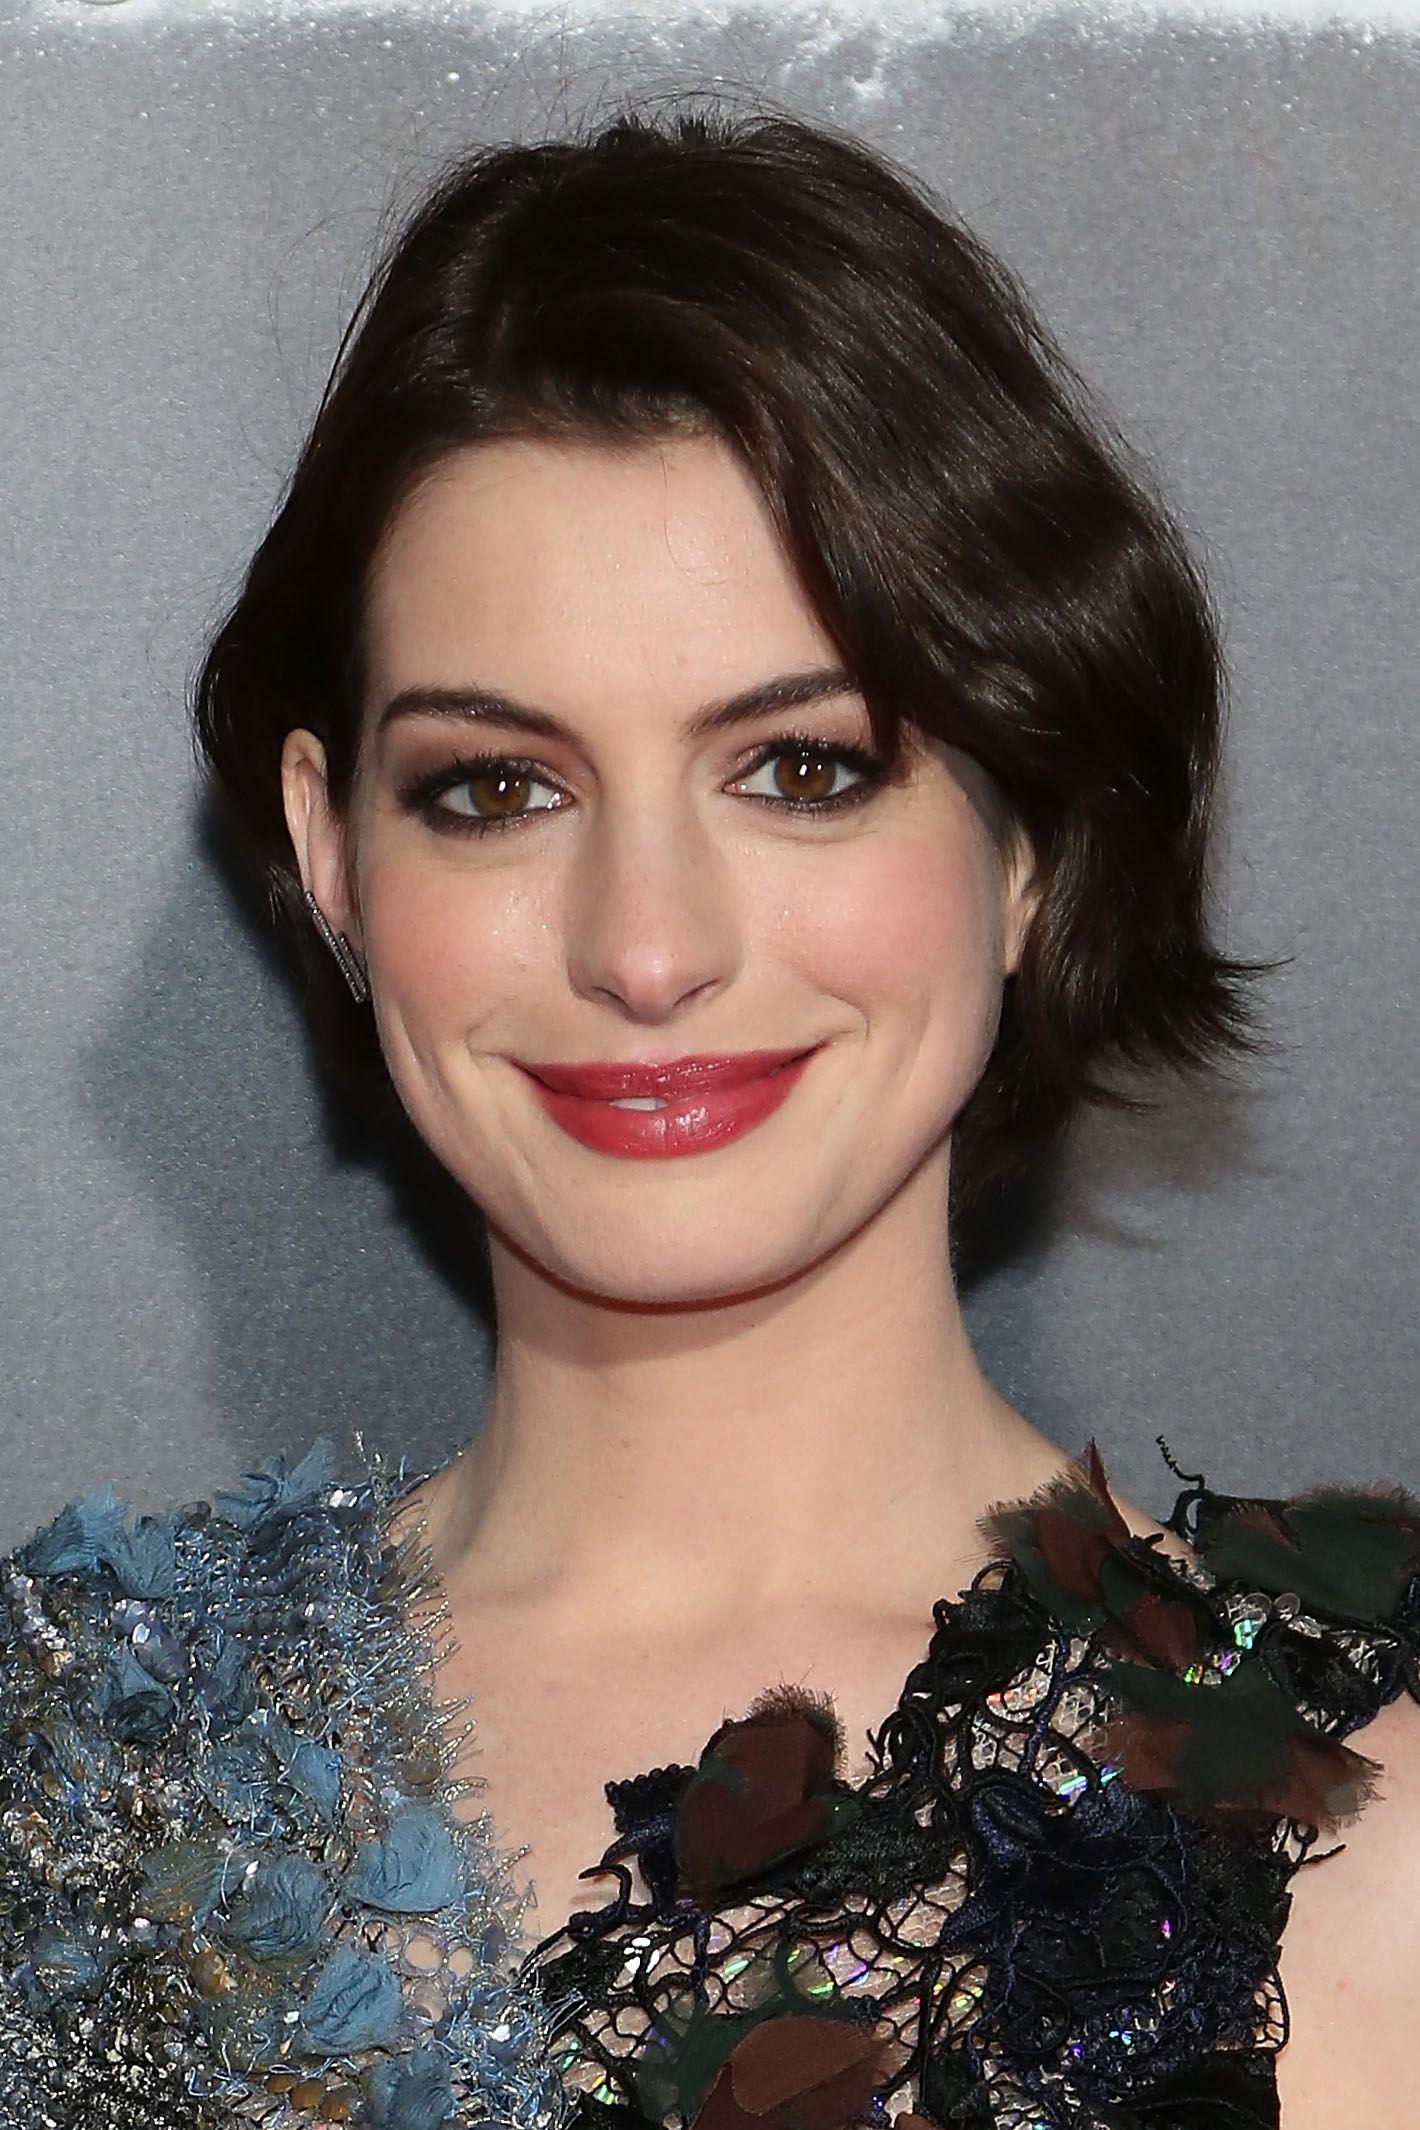 Far ricrescere i capelli  16 ispirazioni da Anne Hathaway per tutte le fasi dc8167005838